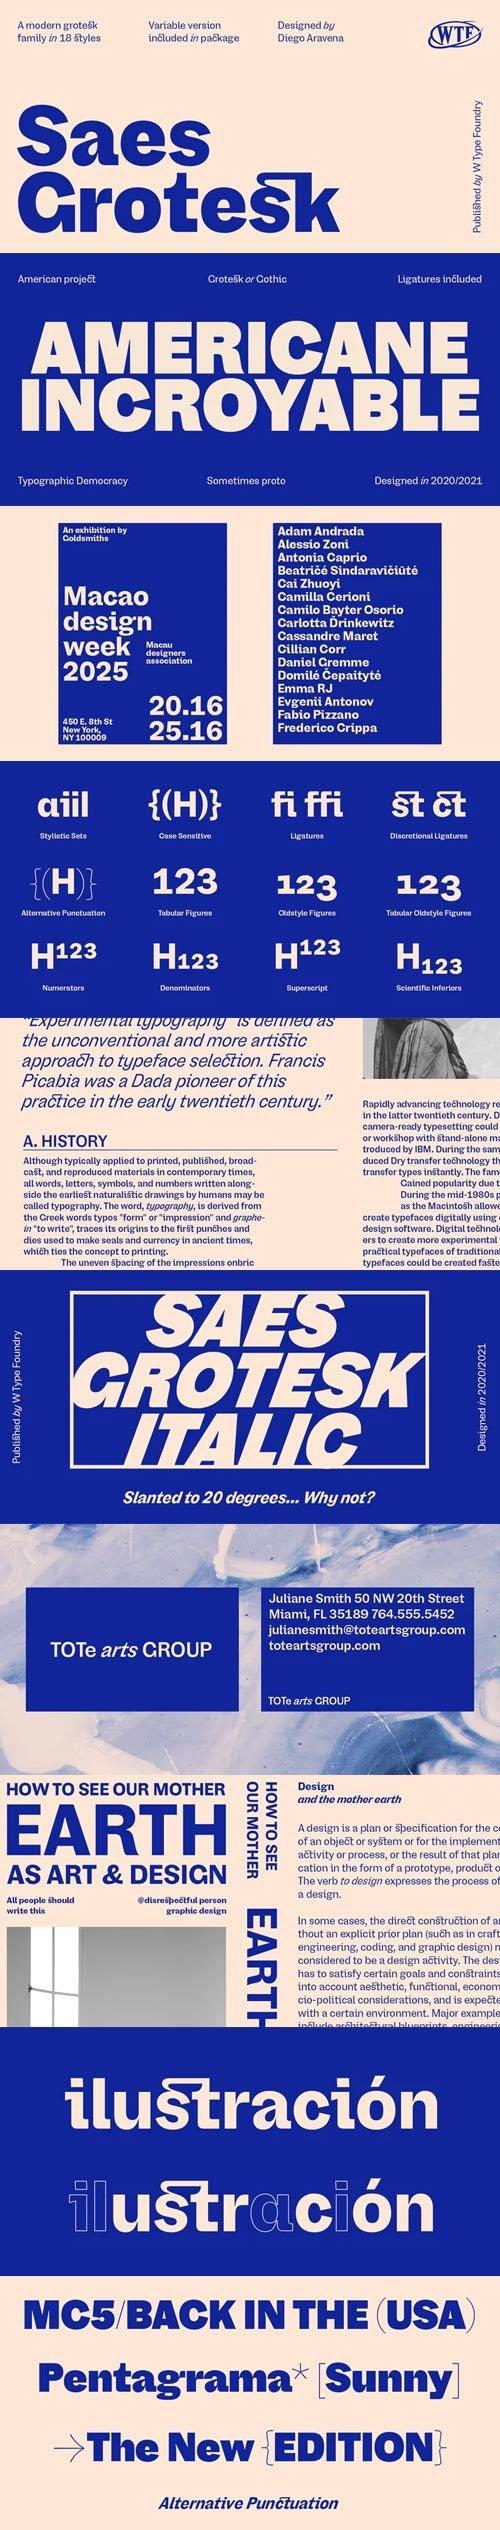 Saes Grotesk - Sans Serif Font Family